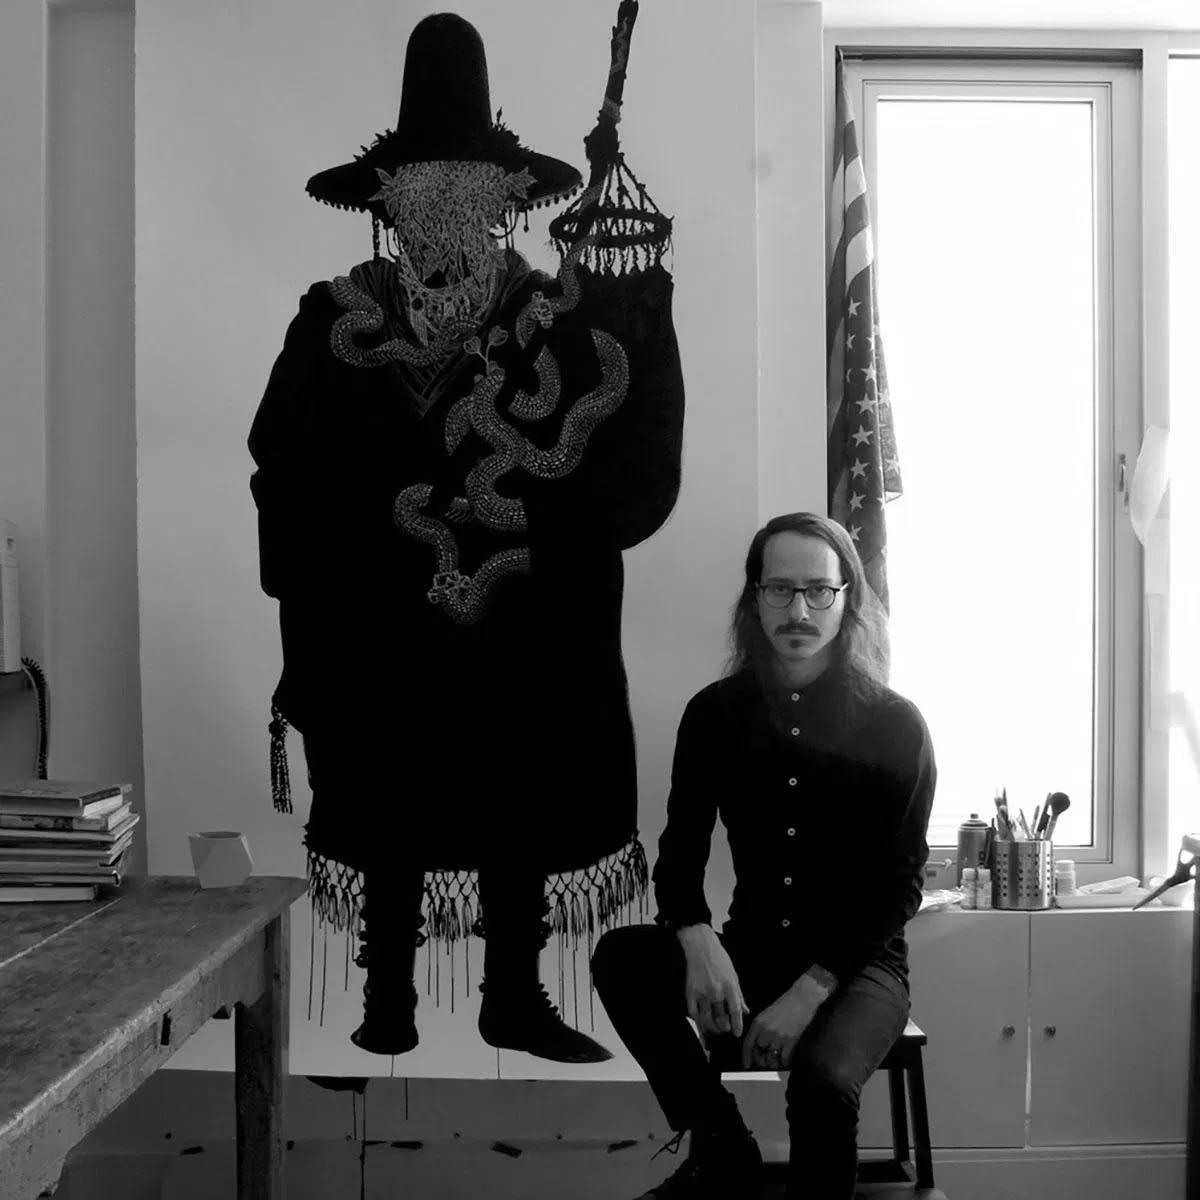 Artist Zac Scheinbaum